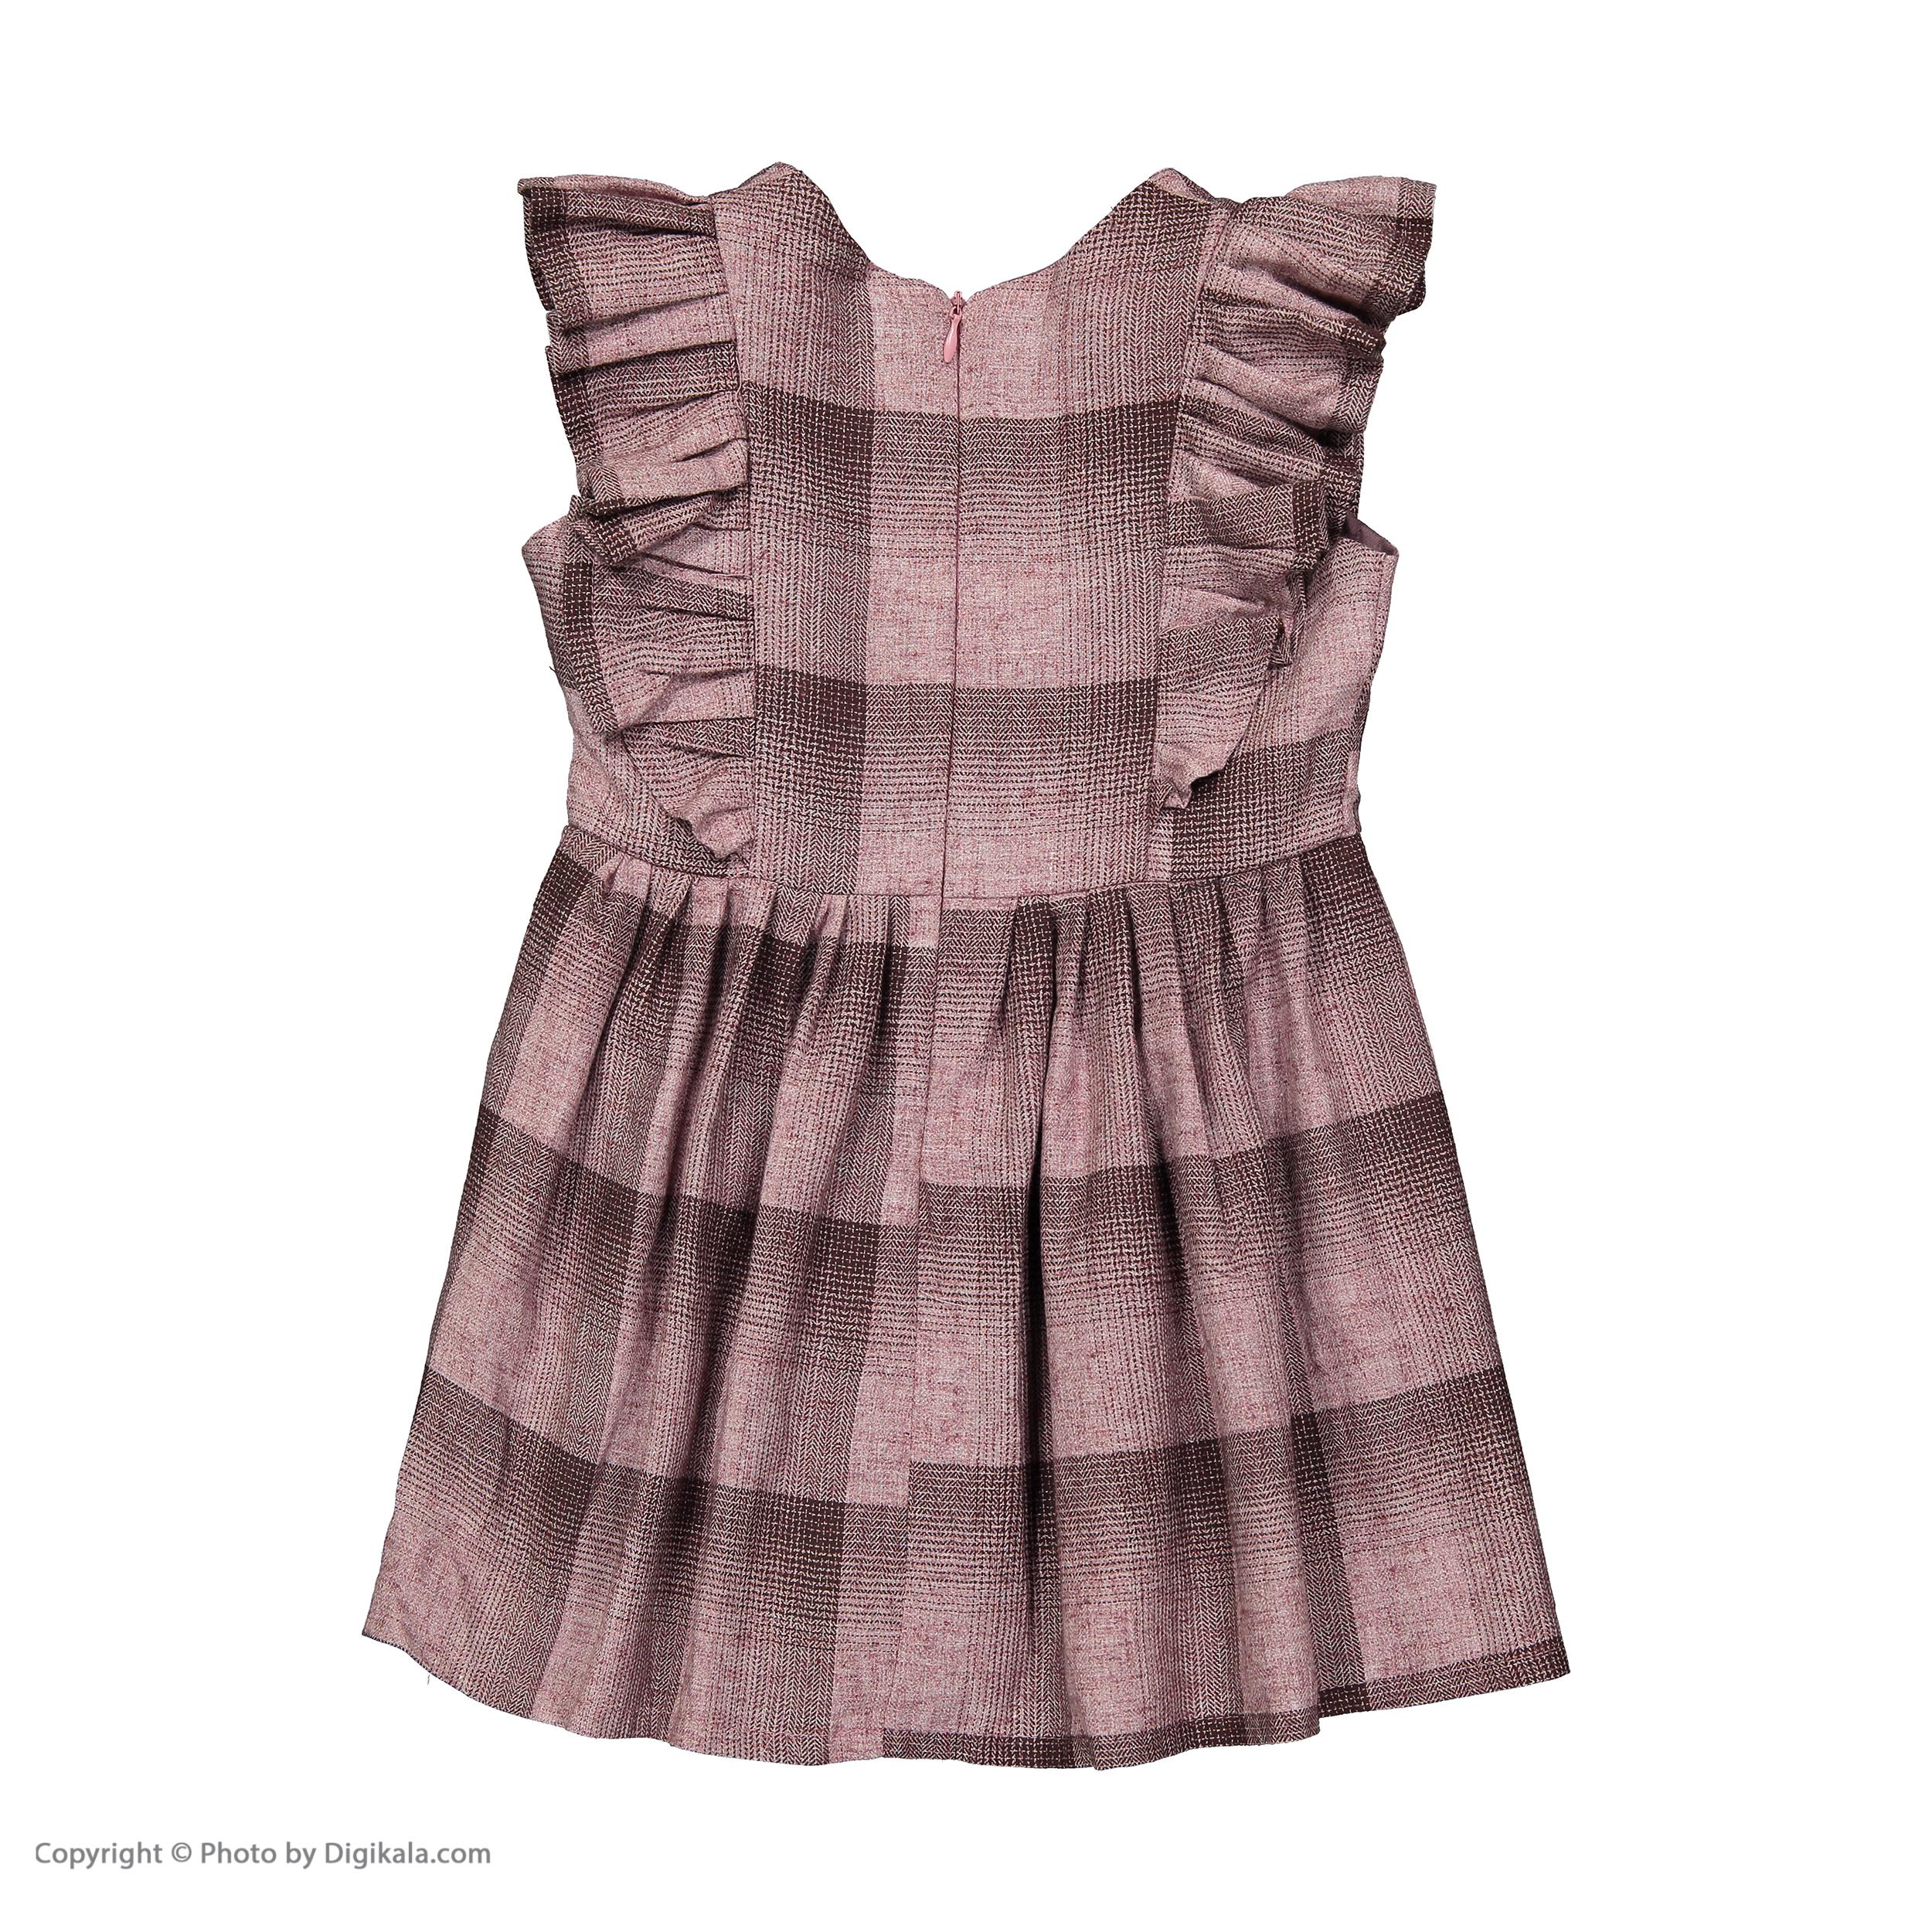 پیراهن دخترانه مهرک مدل 1381124-6469